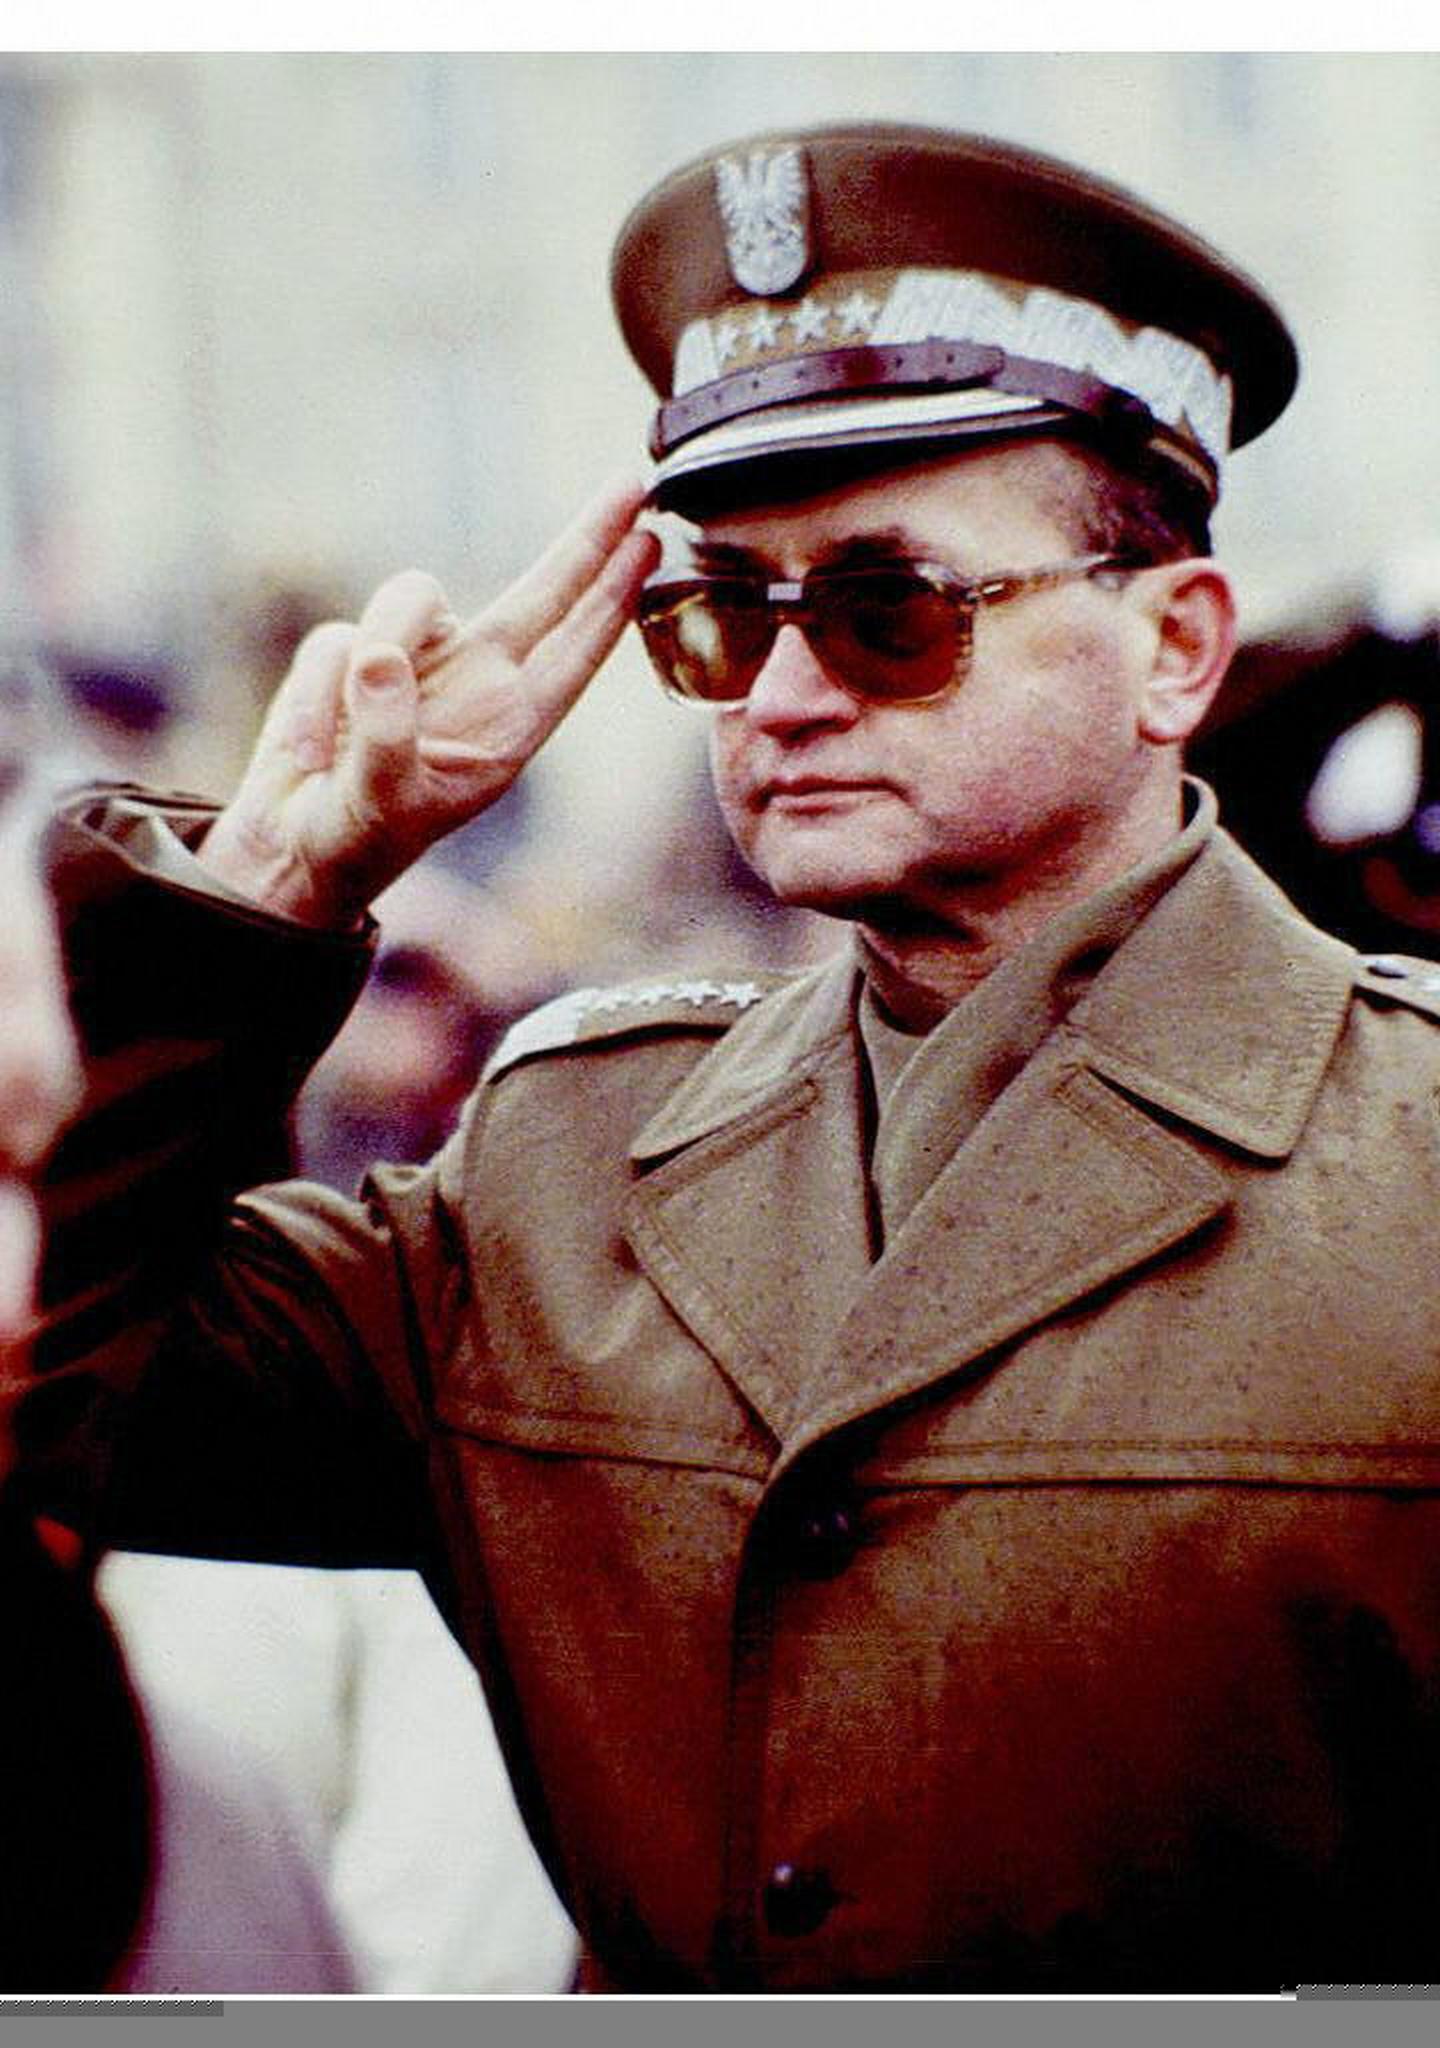 Generál Jaruzelski byl hlavně hrdina a vlastenec, říká polský historik